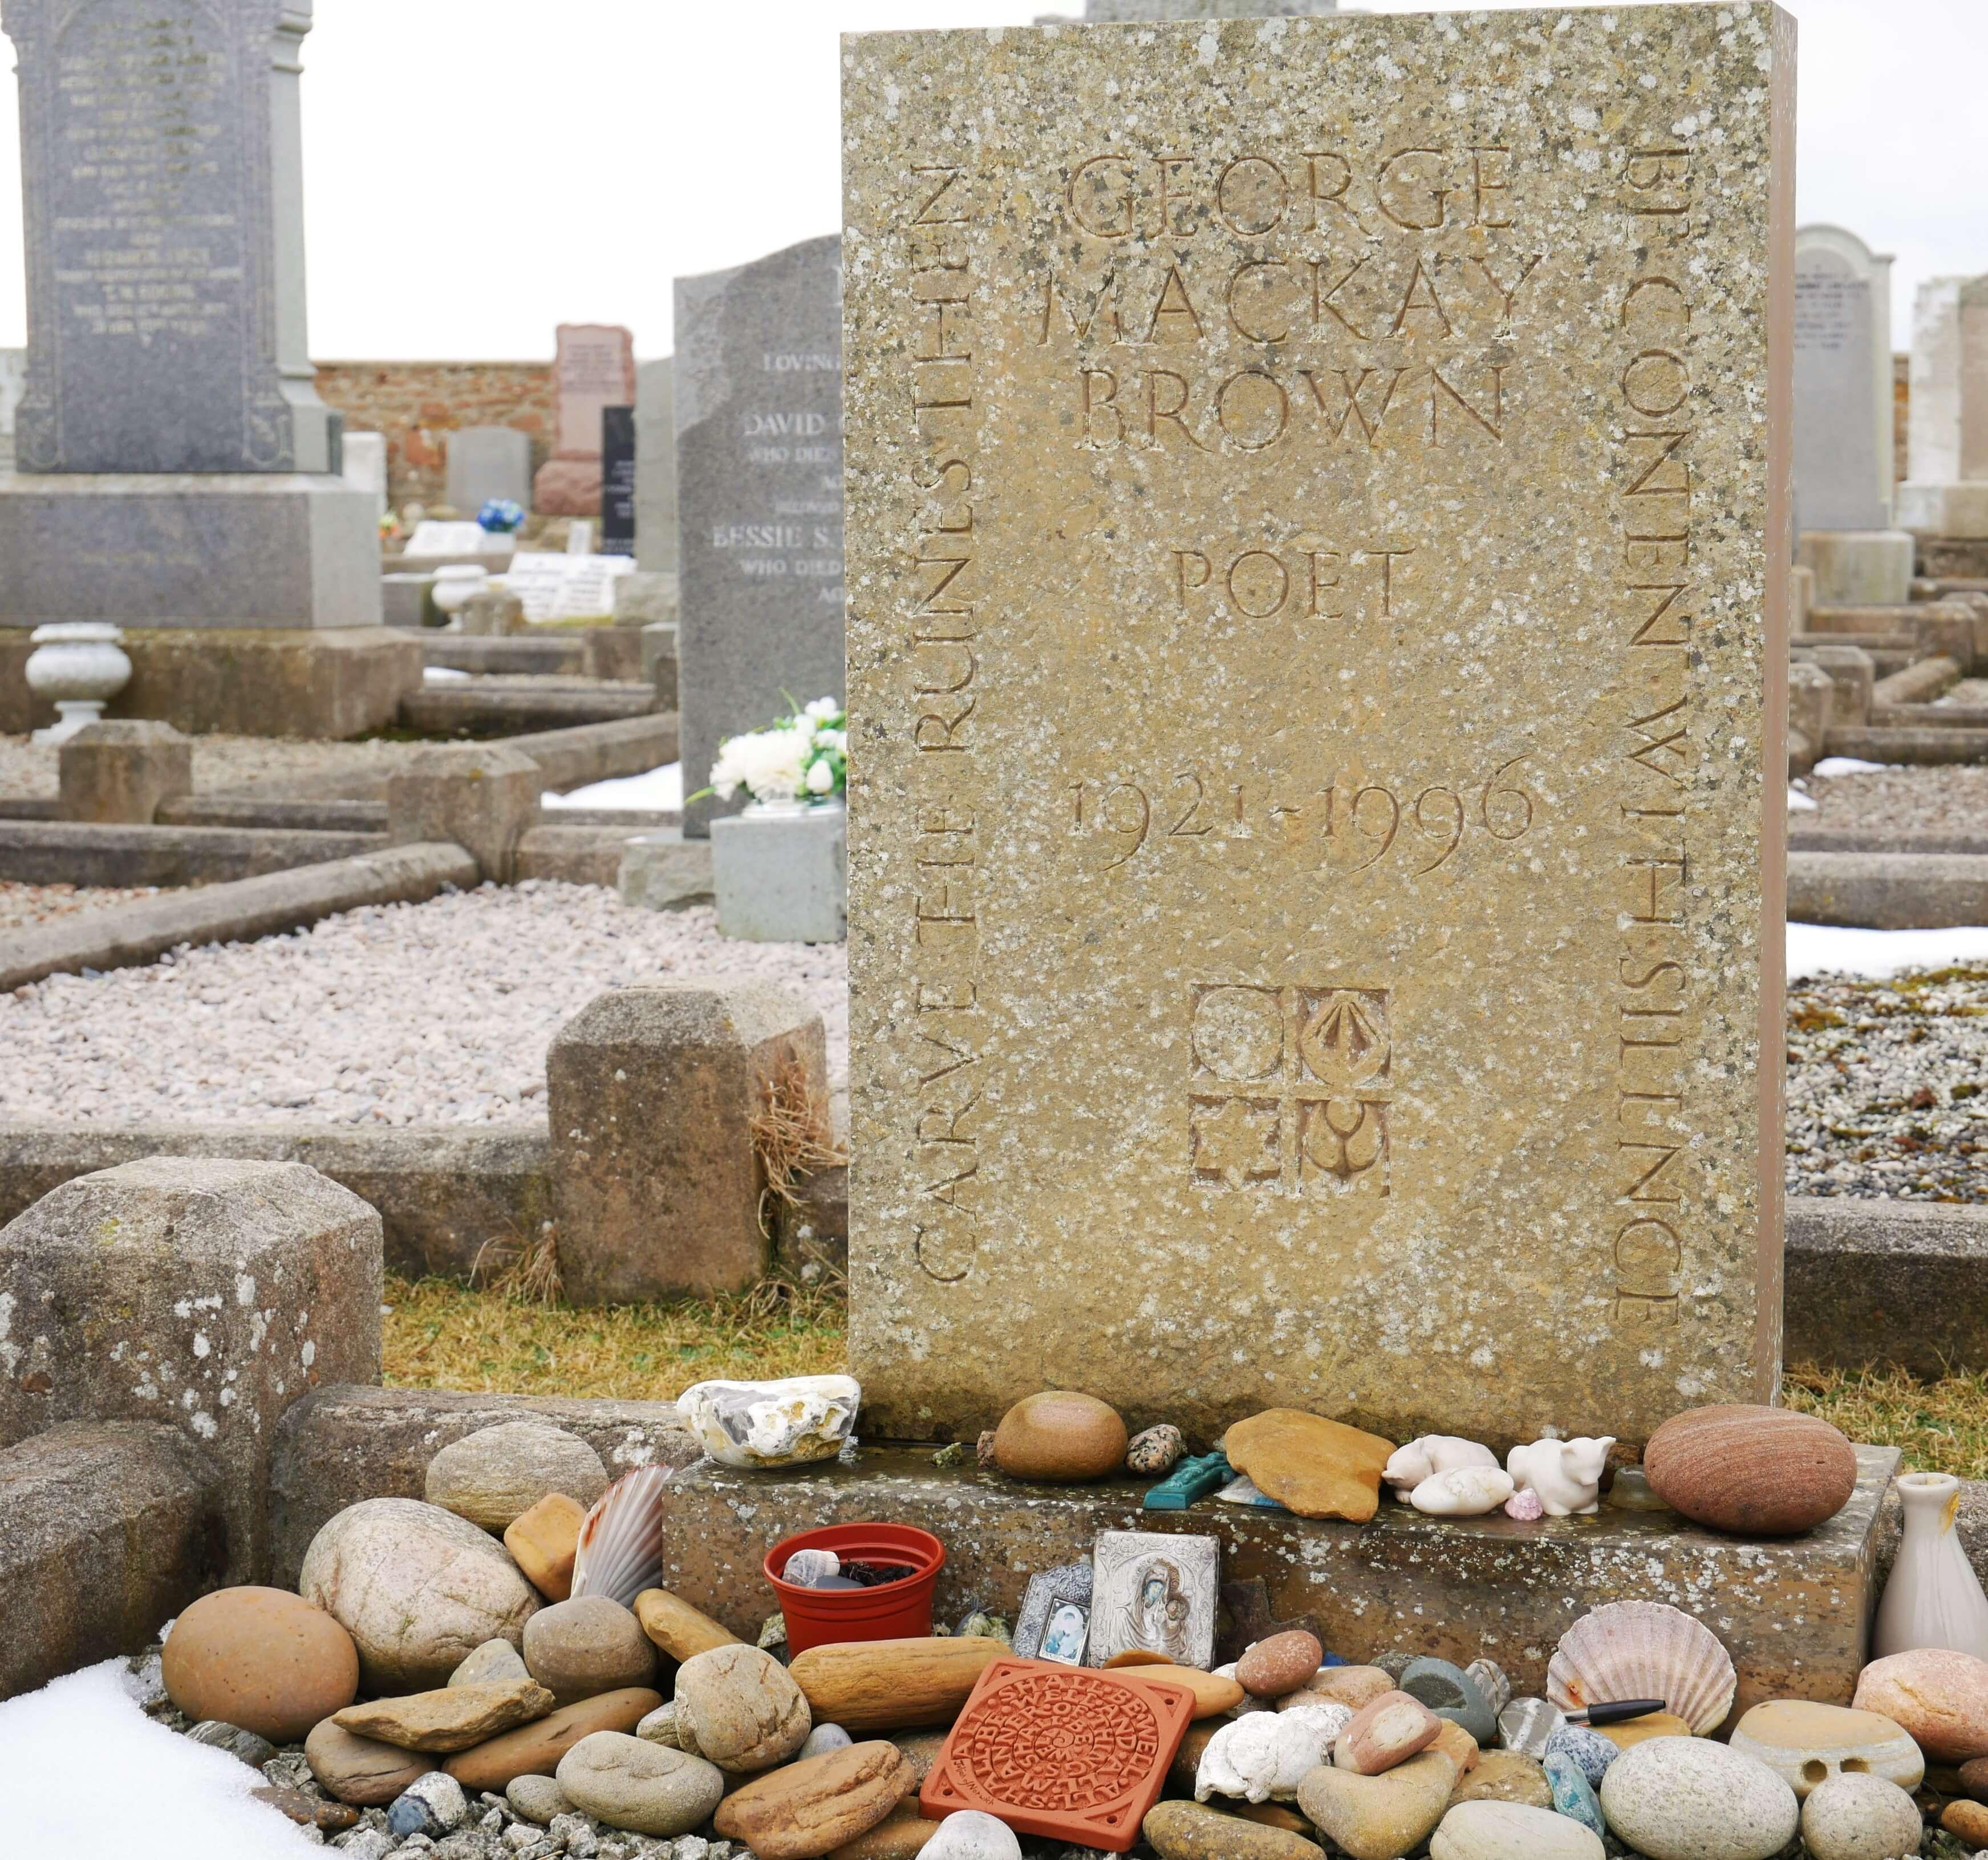 Grave of Orkney Islands writer George M Brownat Warbeth Kirkyard, Stromness, Orkney, Scotland